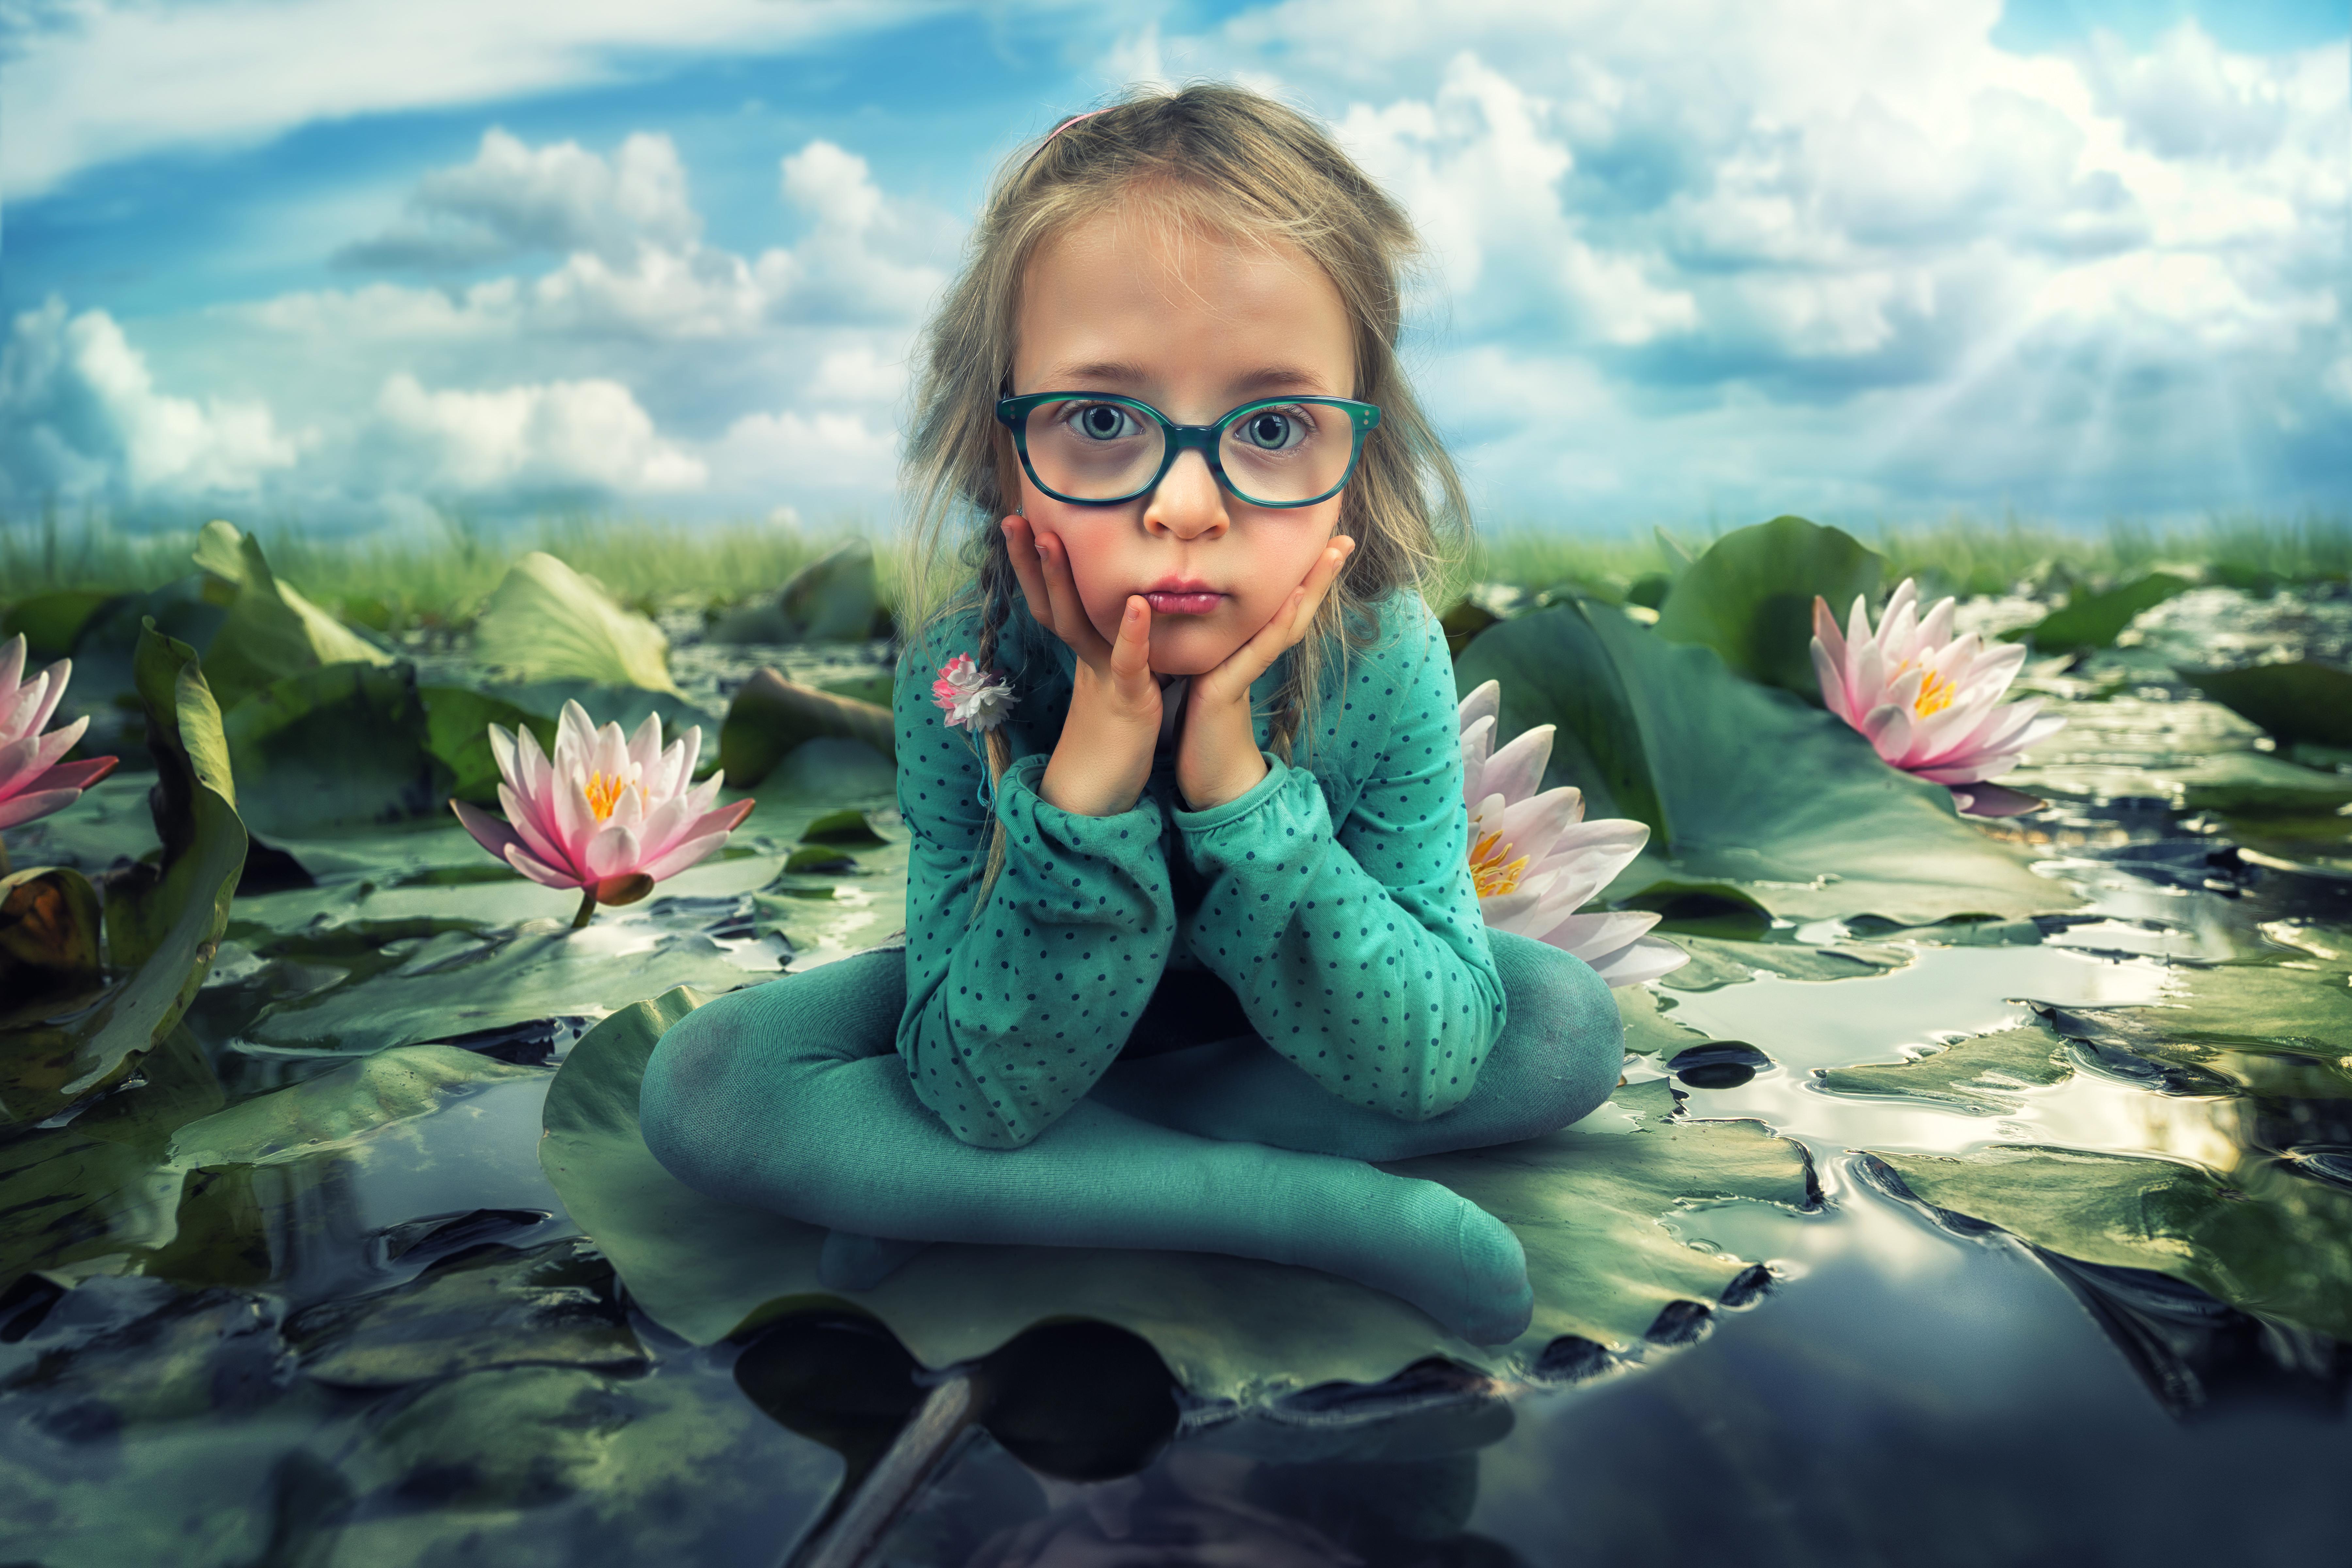 Веселая девочка картинки смешные, отправить открытку письме